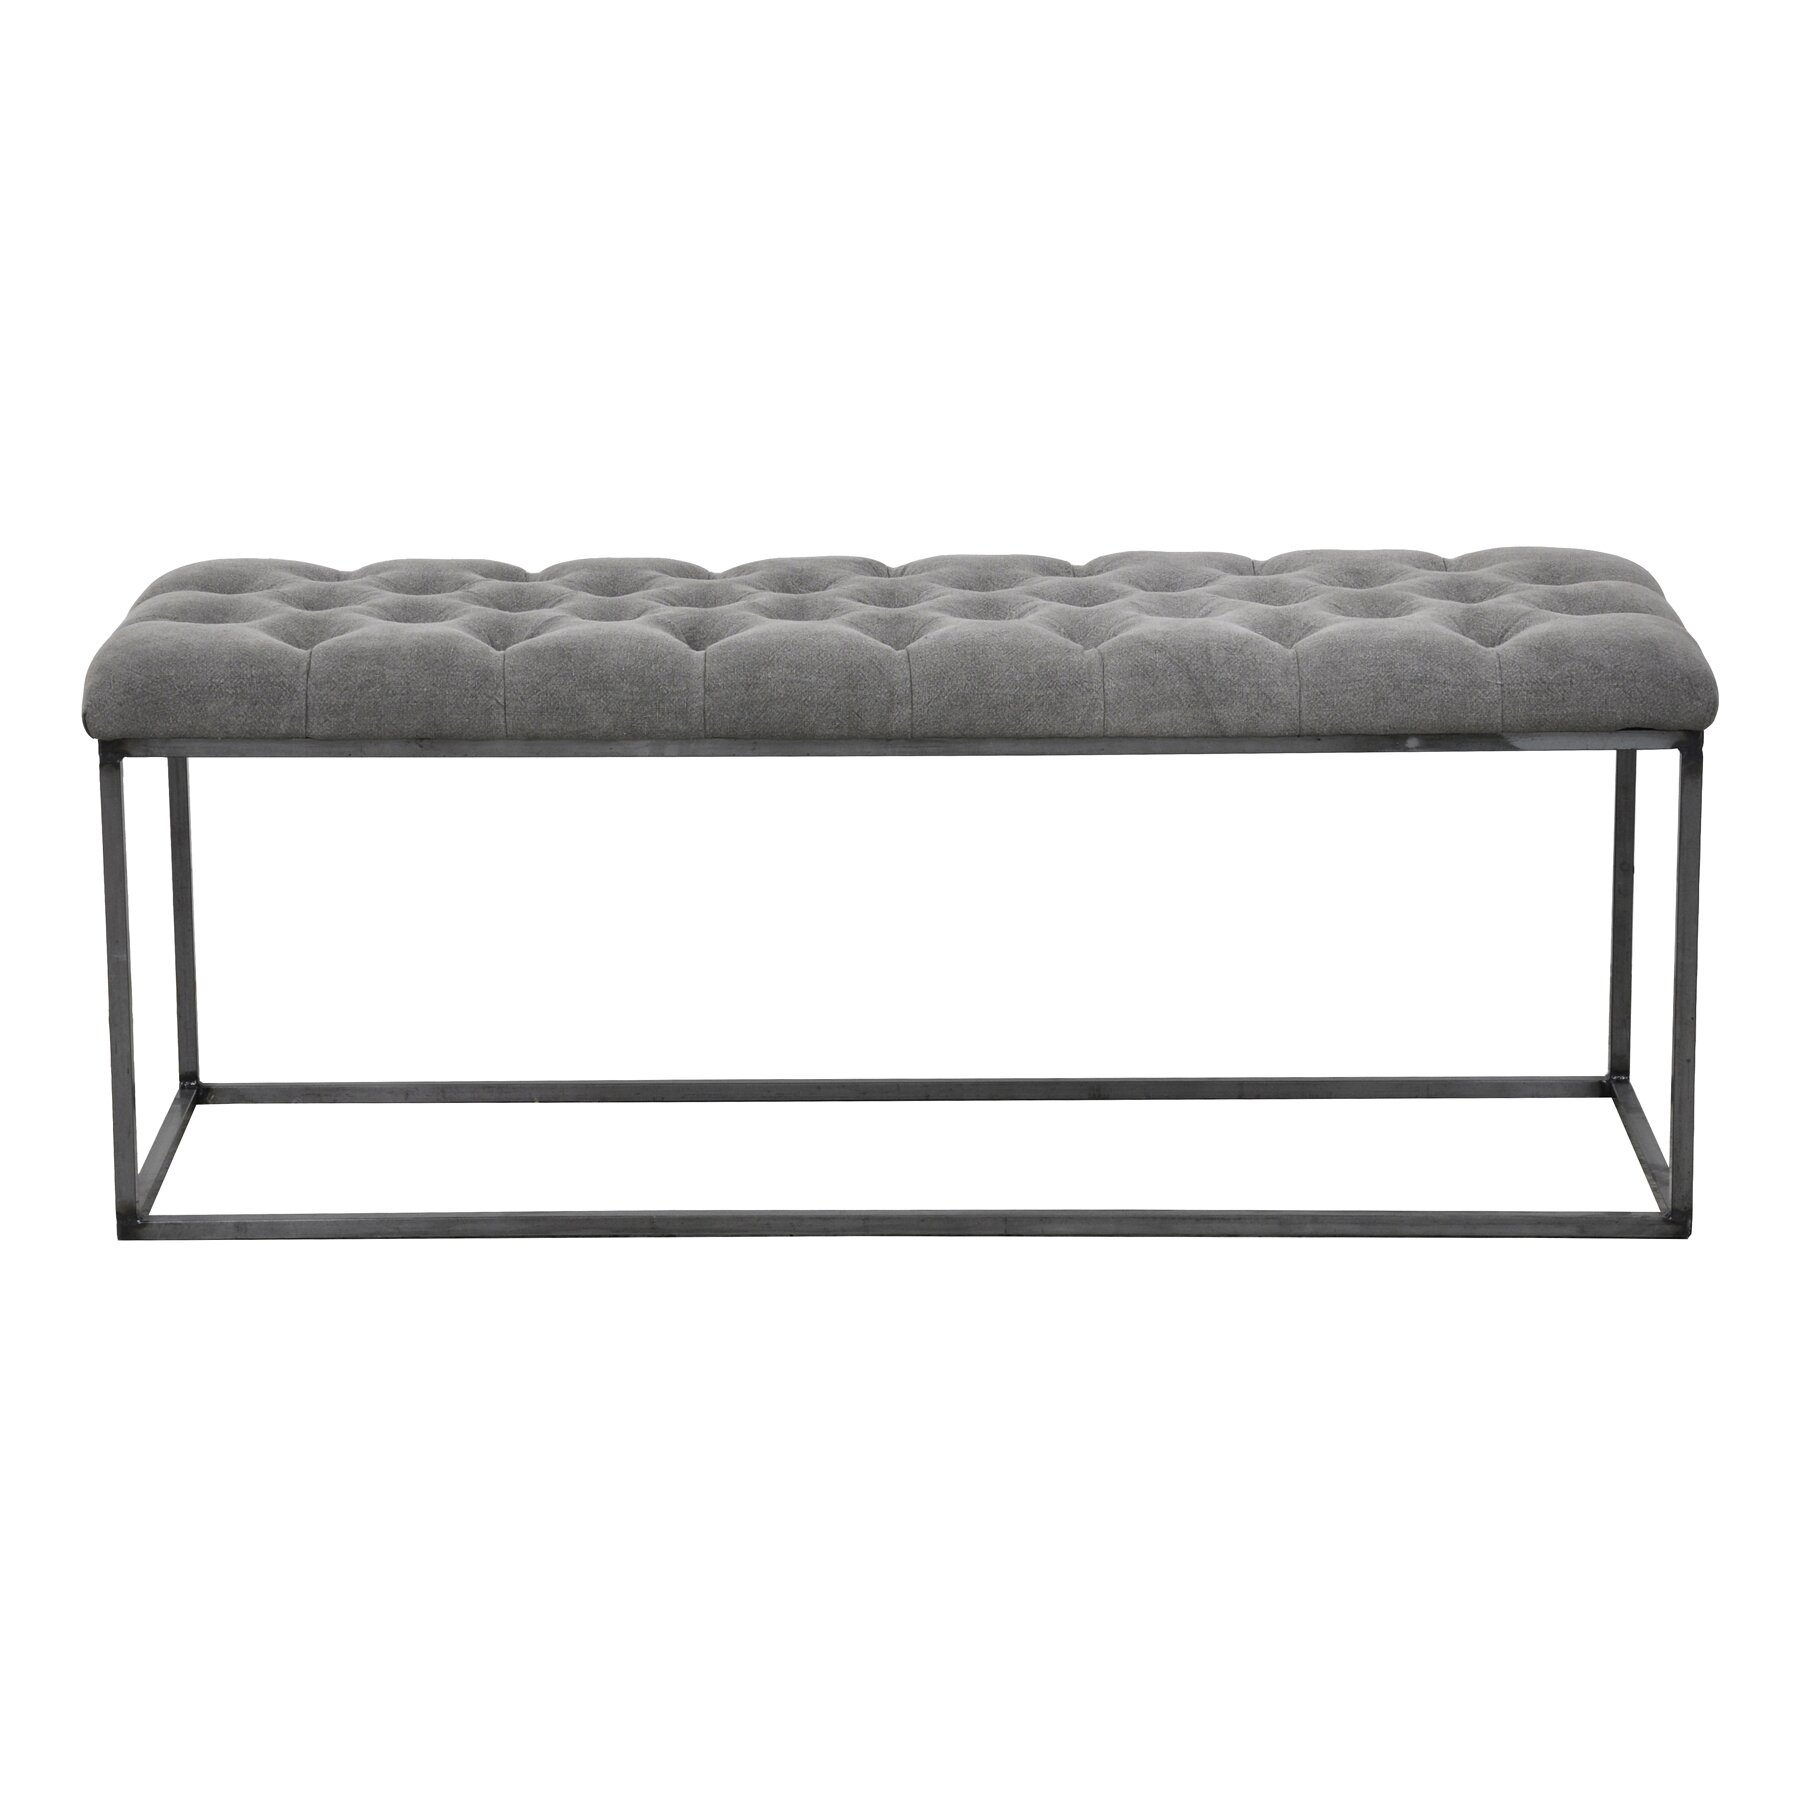 bretts futons bretts futons   furniture shop  rh   ekonomikmobilyacarsisi